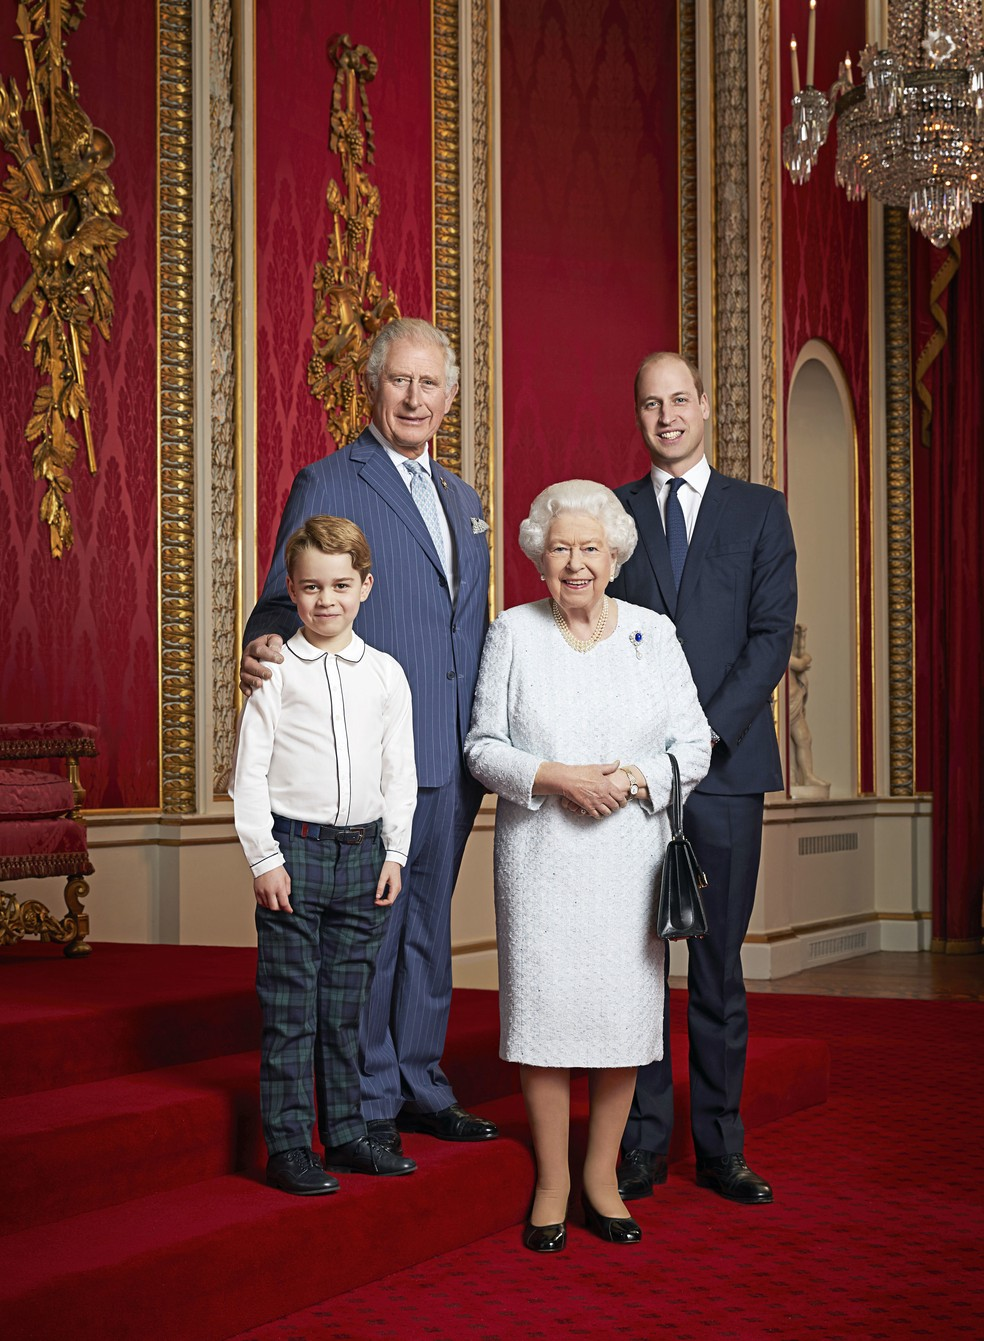 O Palácio de Buckingham divulgou uma nova foto da sucessão ao trono britânico: a rainha Elizabeth, atual monarca; o príncipe Charles; o príncipe William; e o príncipe George — Foto: Ranald Mackechnie / Buckingham Palace / AFP